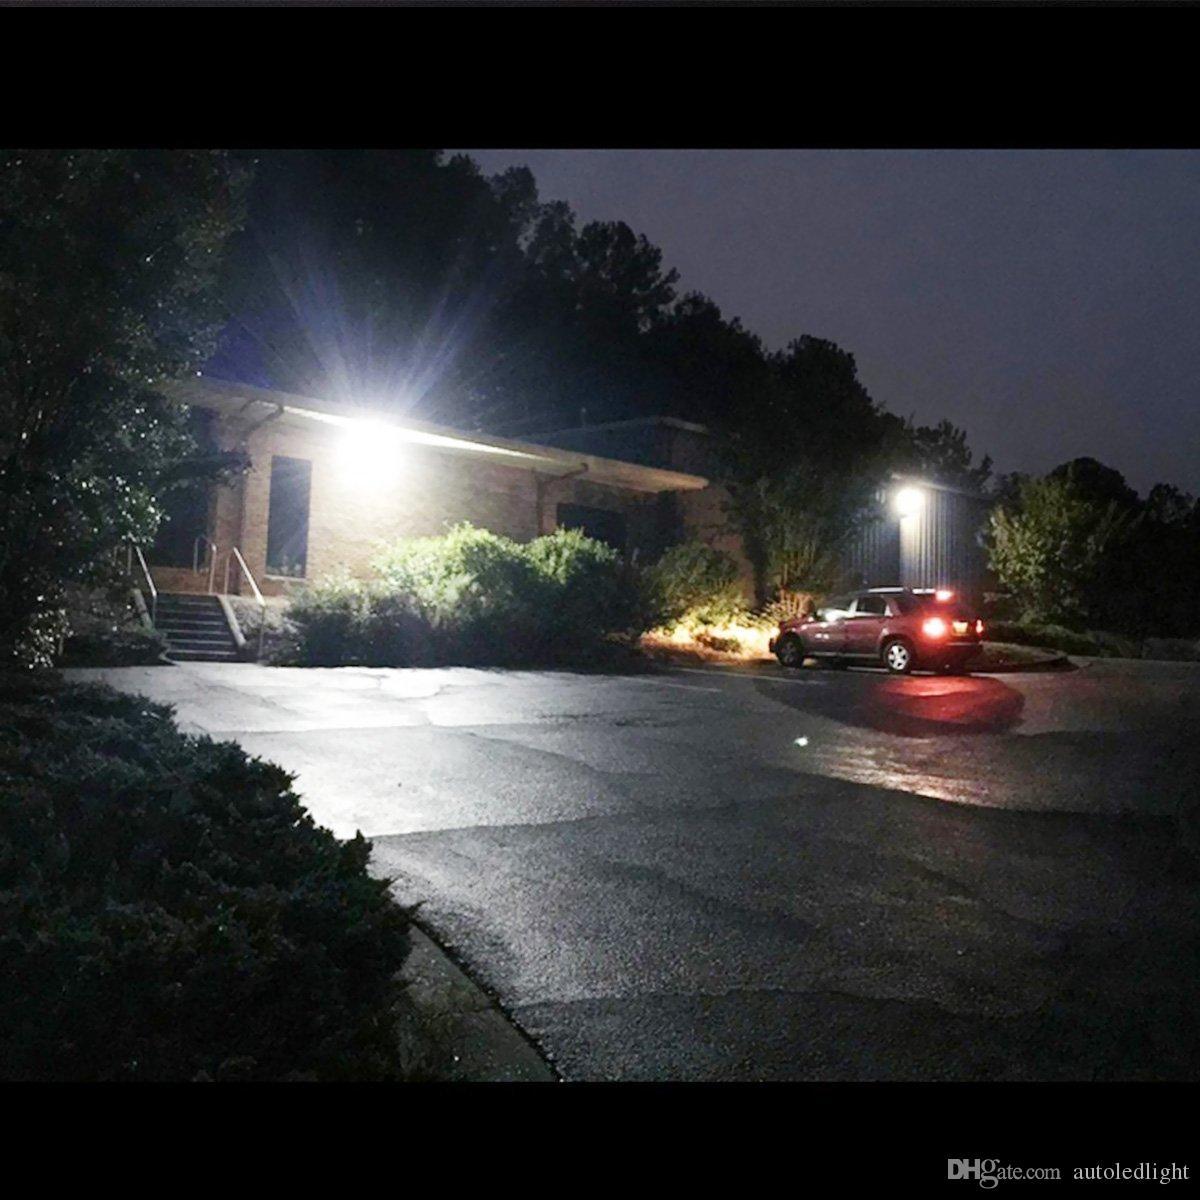 luces de inundación llevadas blancas ip65 EXTERIOR 150W / 200W IMPERMEABLE BOMBILLA LED BLANCO / CALIENTE LUZ DE INUNDACIÓN 220V AC